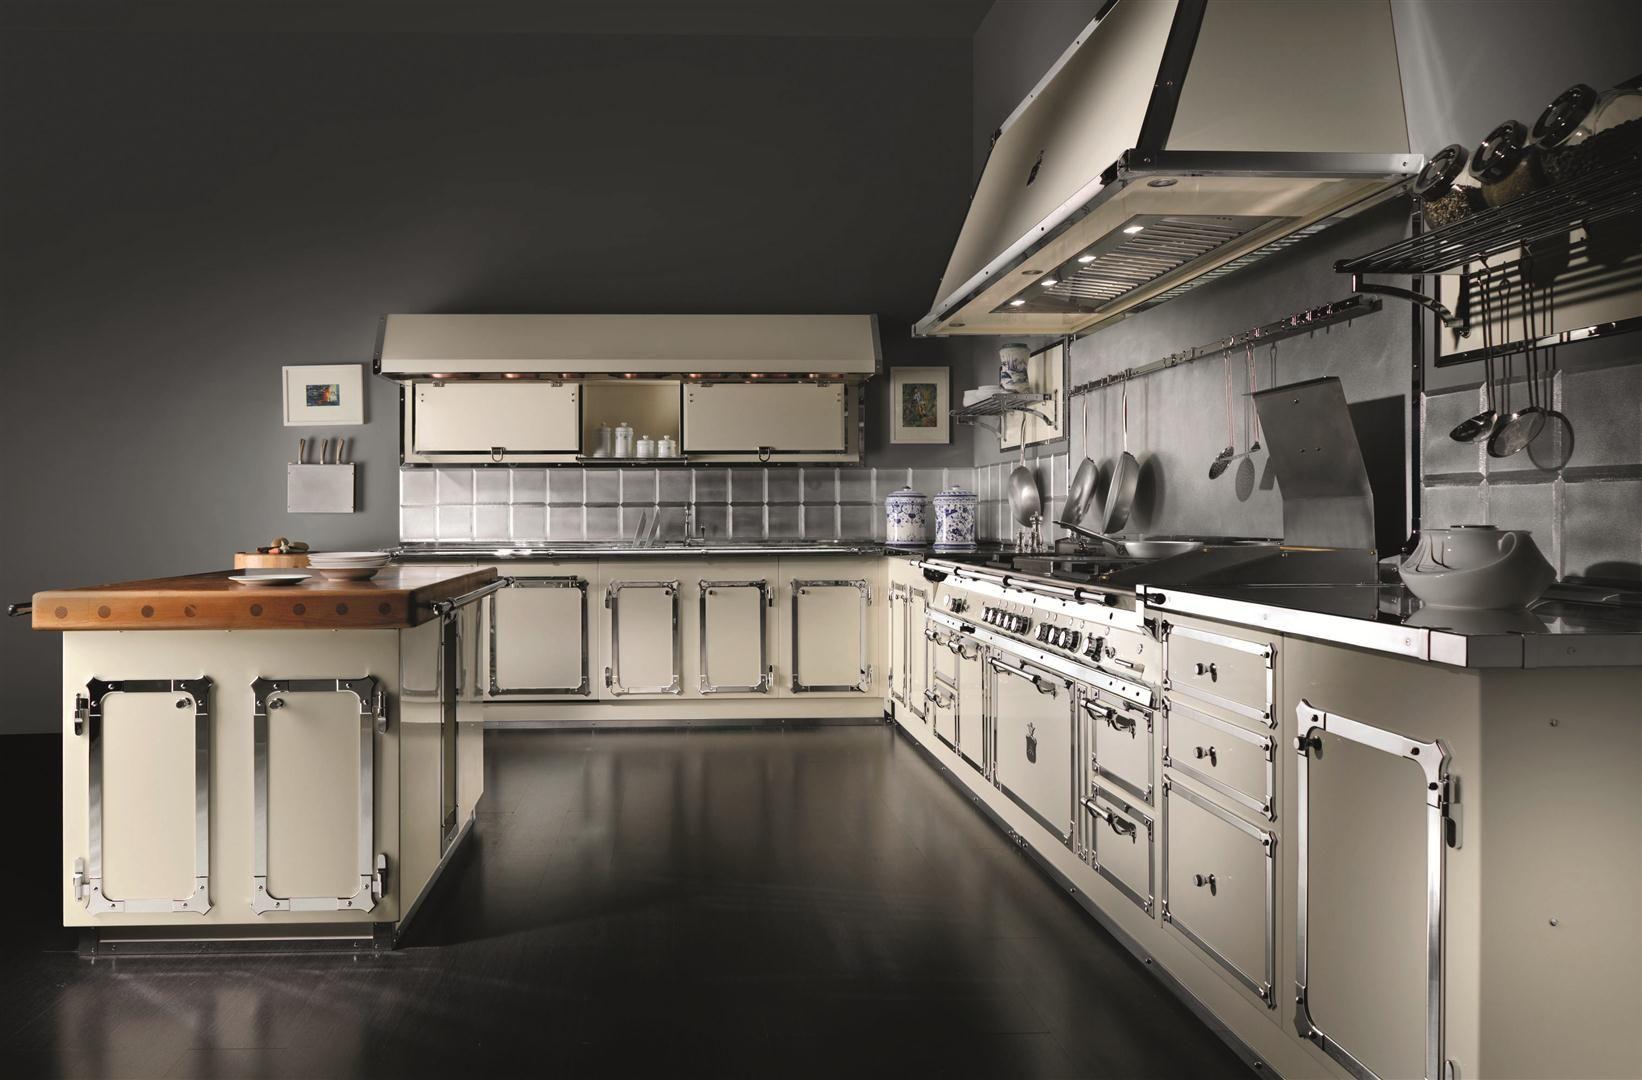 officine+gullo | Officine Gullo presenta la nuova cucina a ...